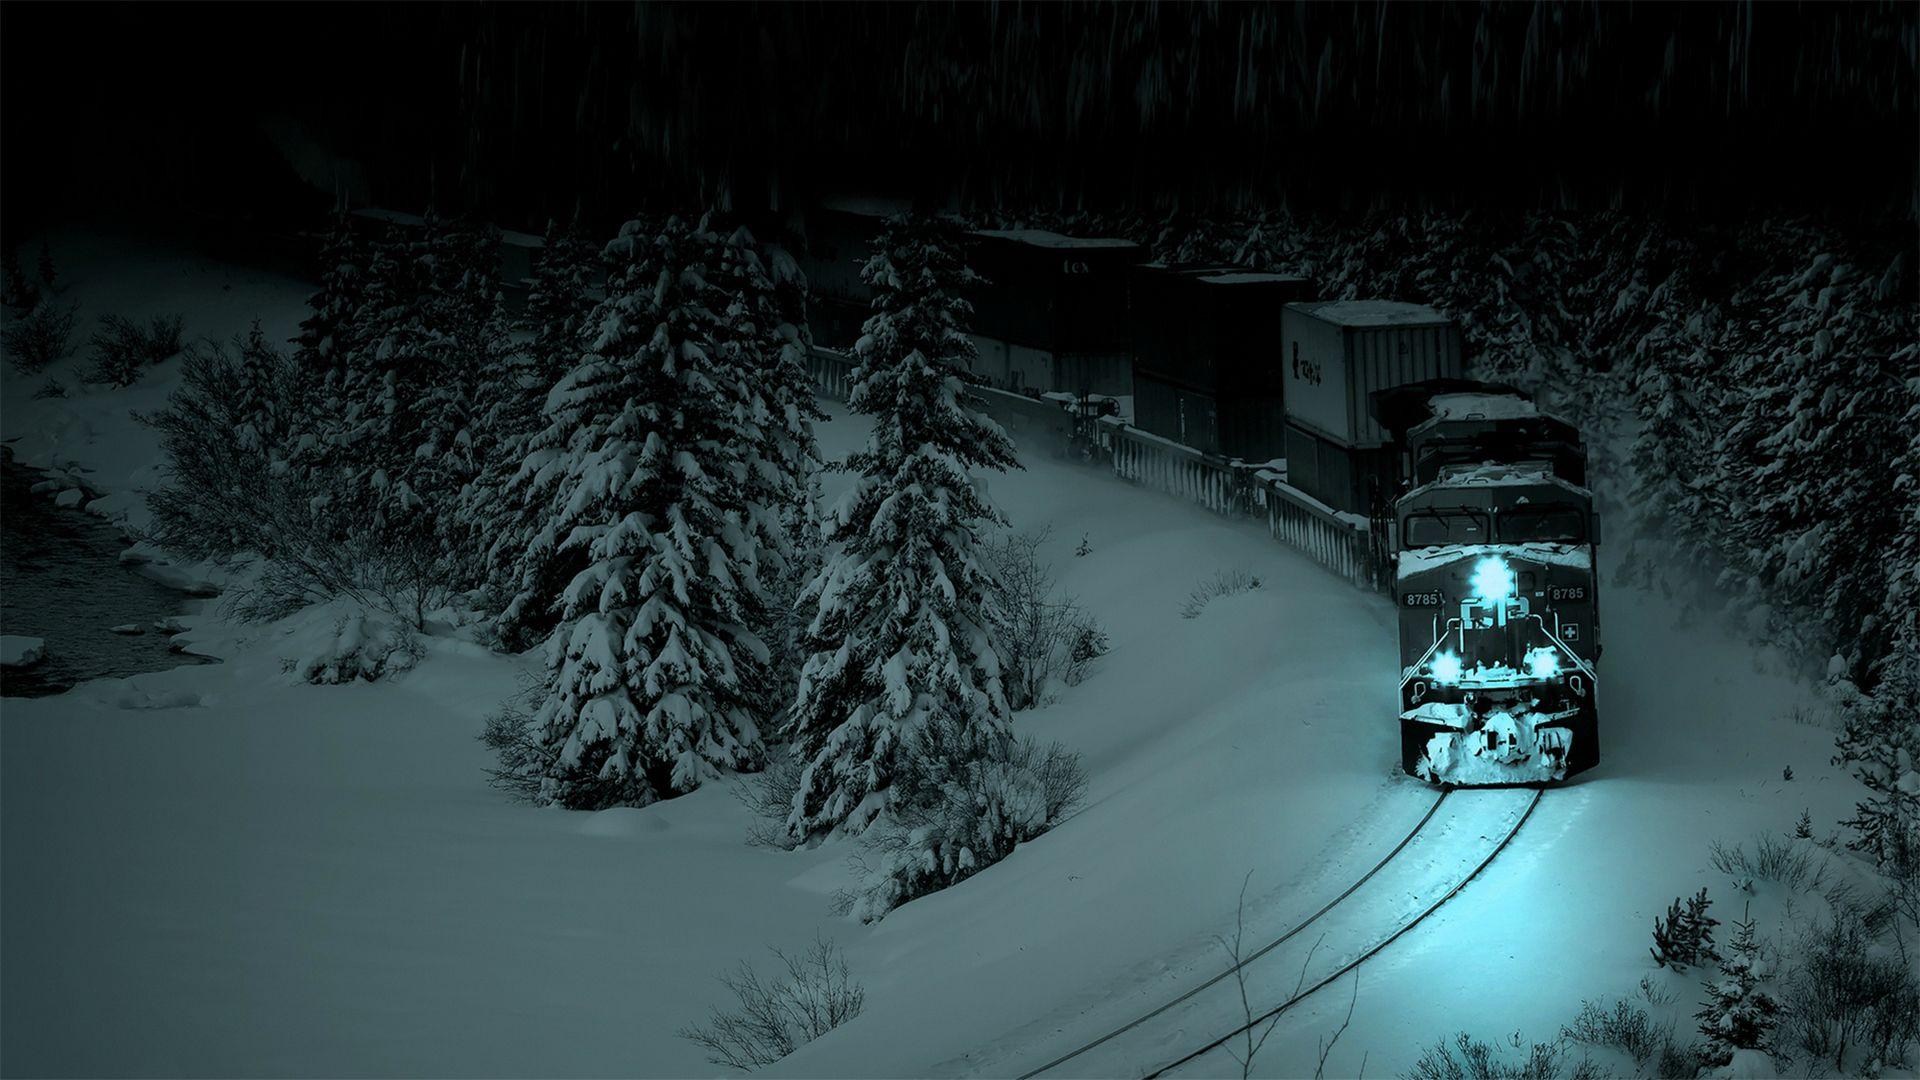 Ночной экспресс поезд ночь зима